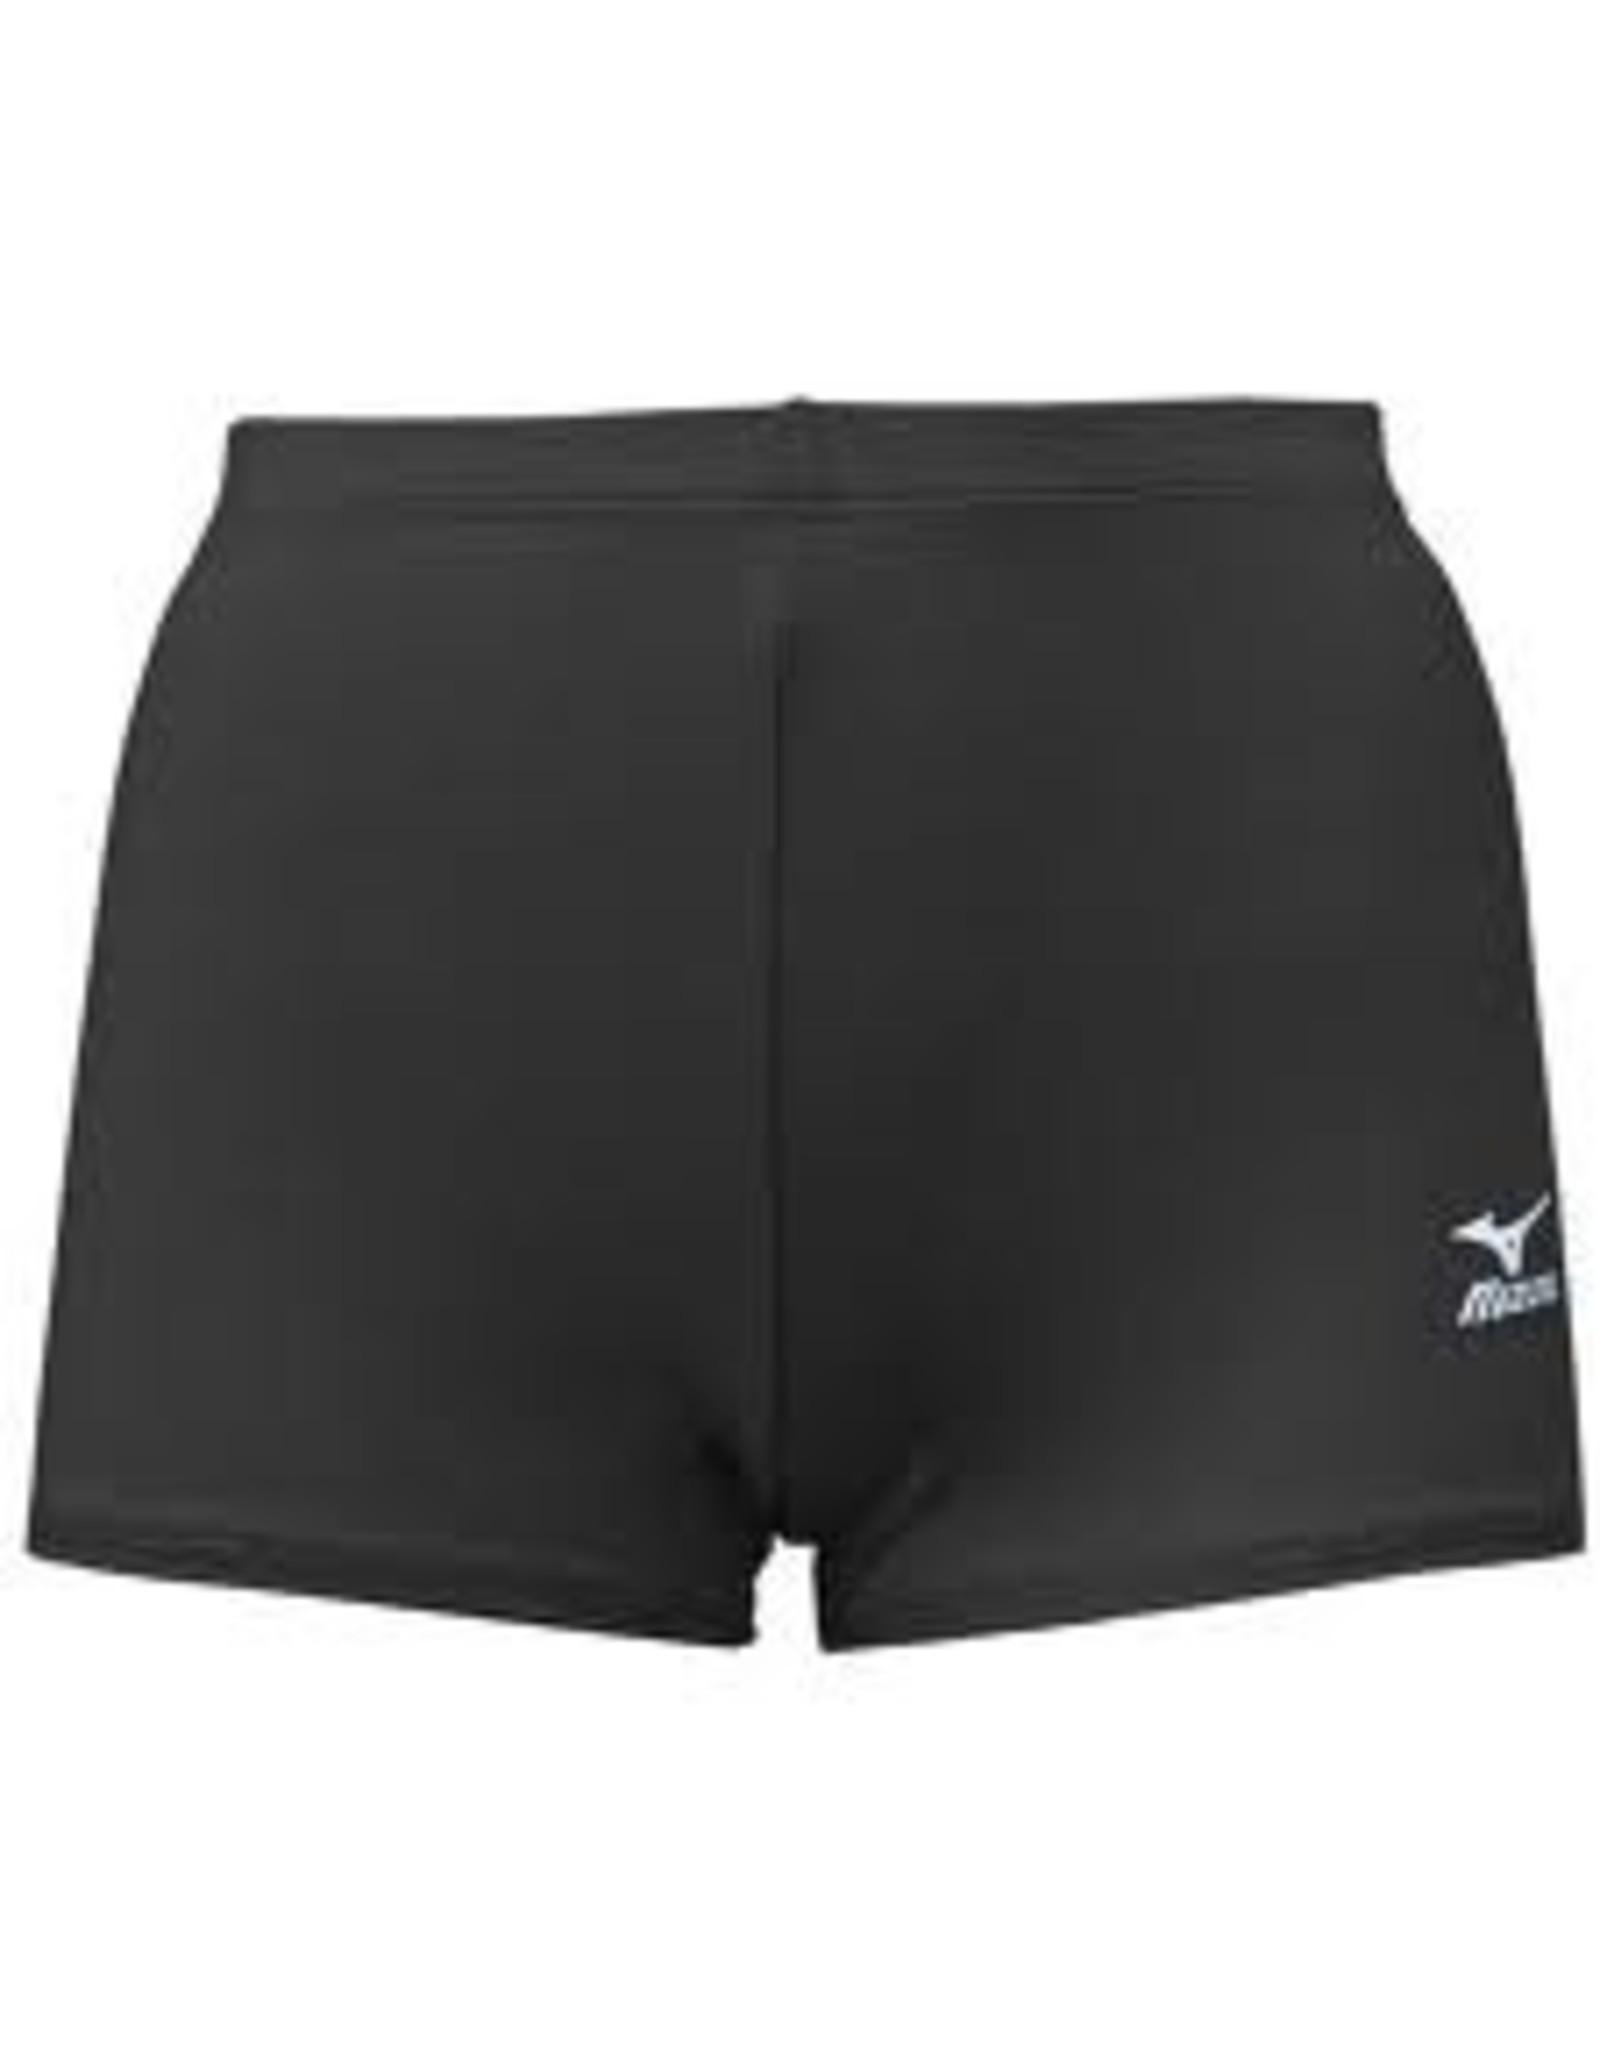 Mizuno Low Rider Shorts